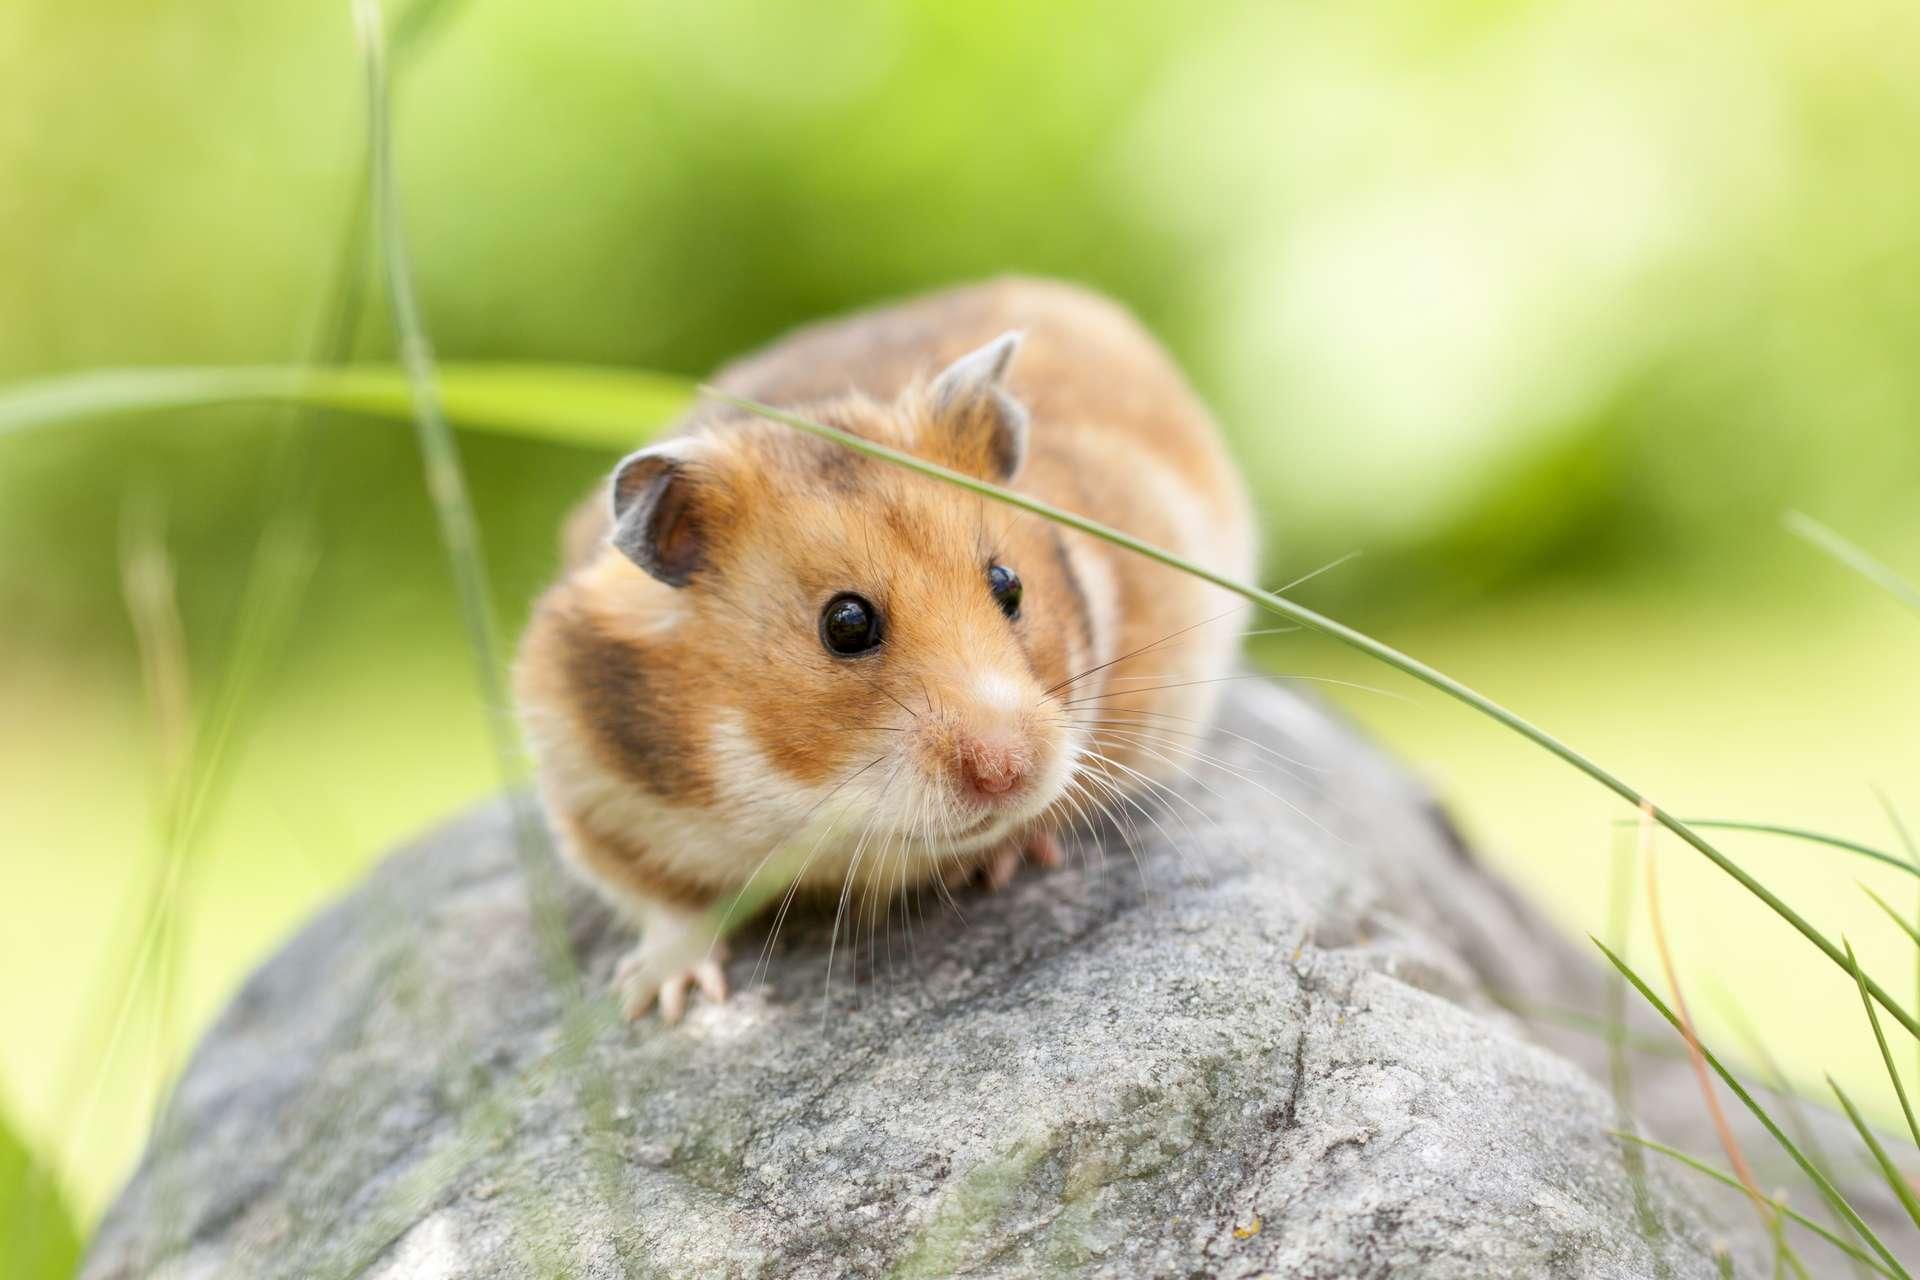 Le hamster est un petit rongeur de la famille des Cricetinae. Il en existe plusieurs espèces, dont certaines sont utilisées comme animaux de compagnie ou pour l'expérimentation animale. © Asolo79, Adobe Stock